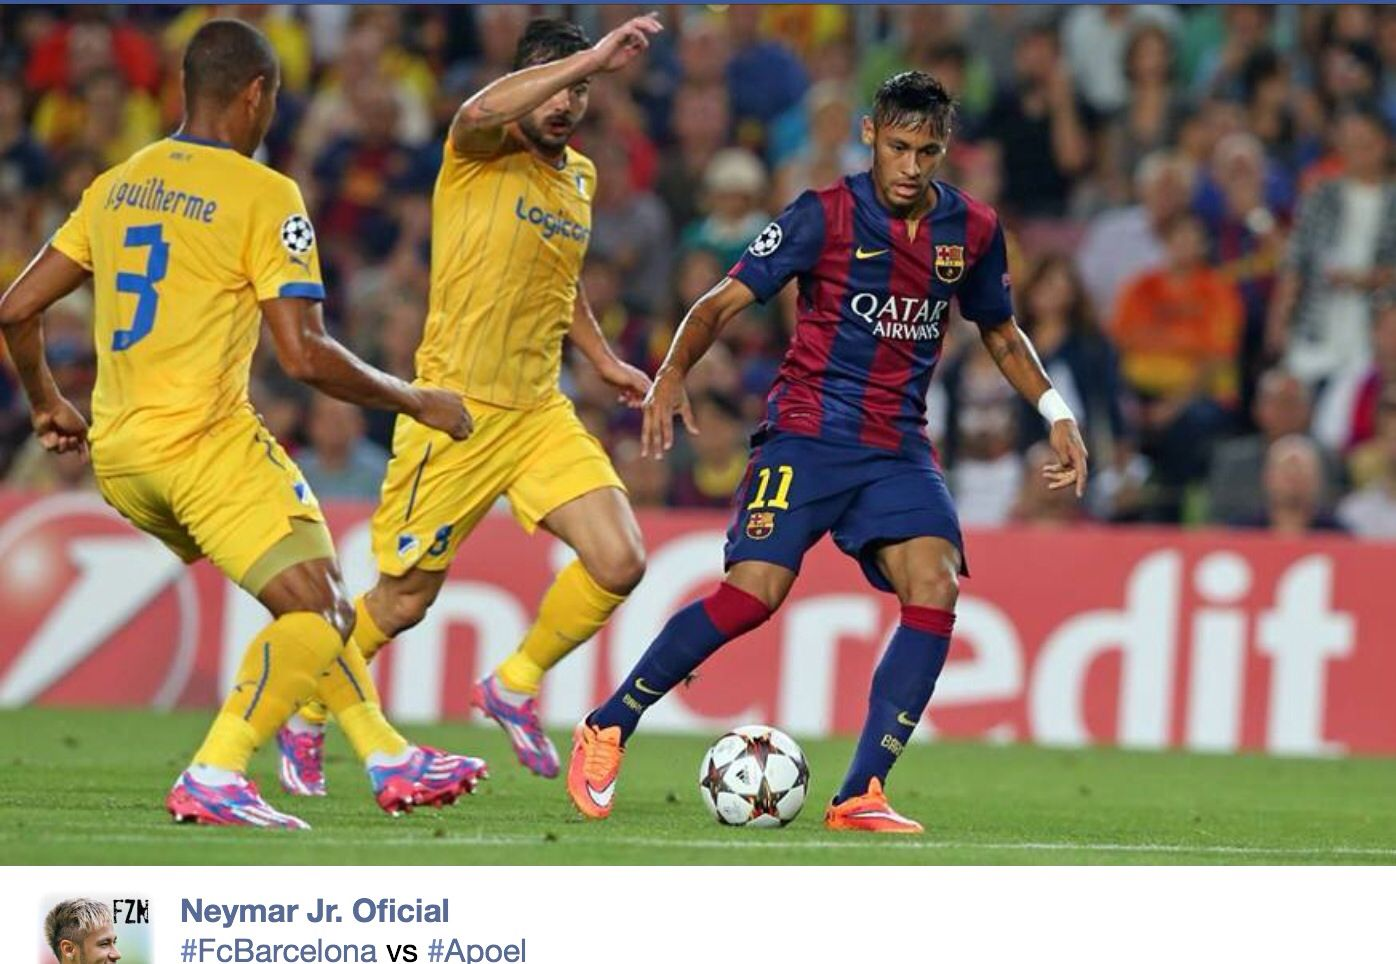 Pin di Luca Pagliara su Neymar jr nel 2020 Barche